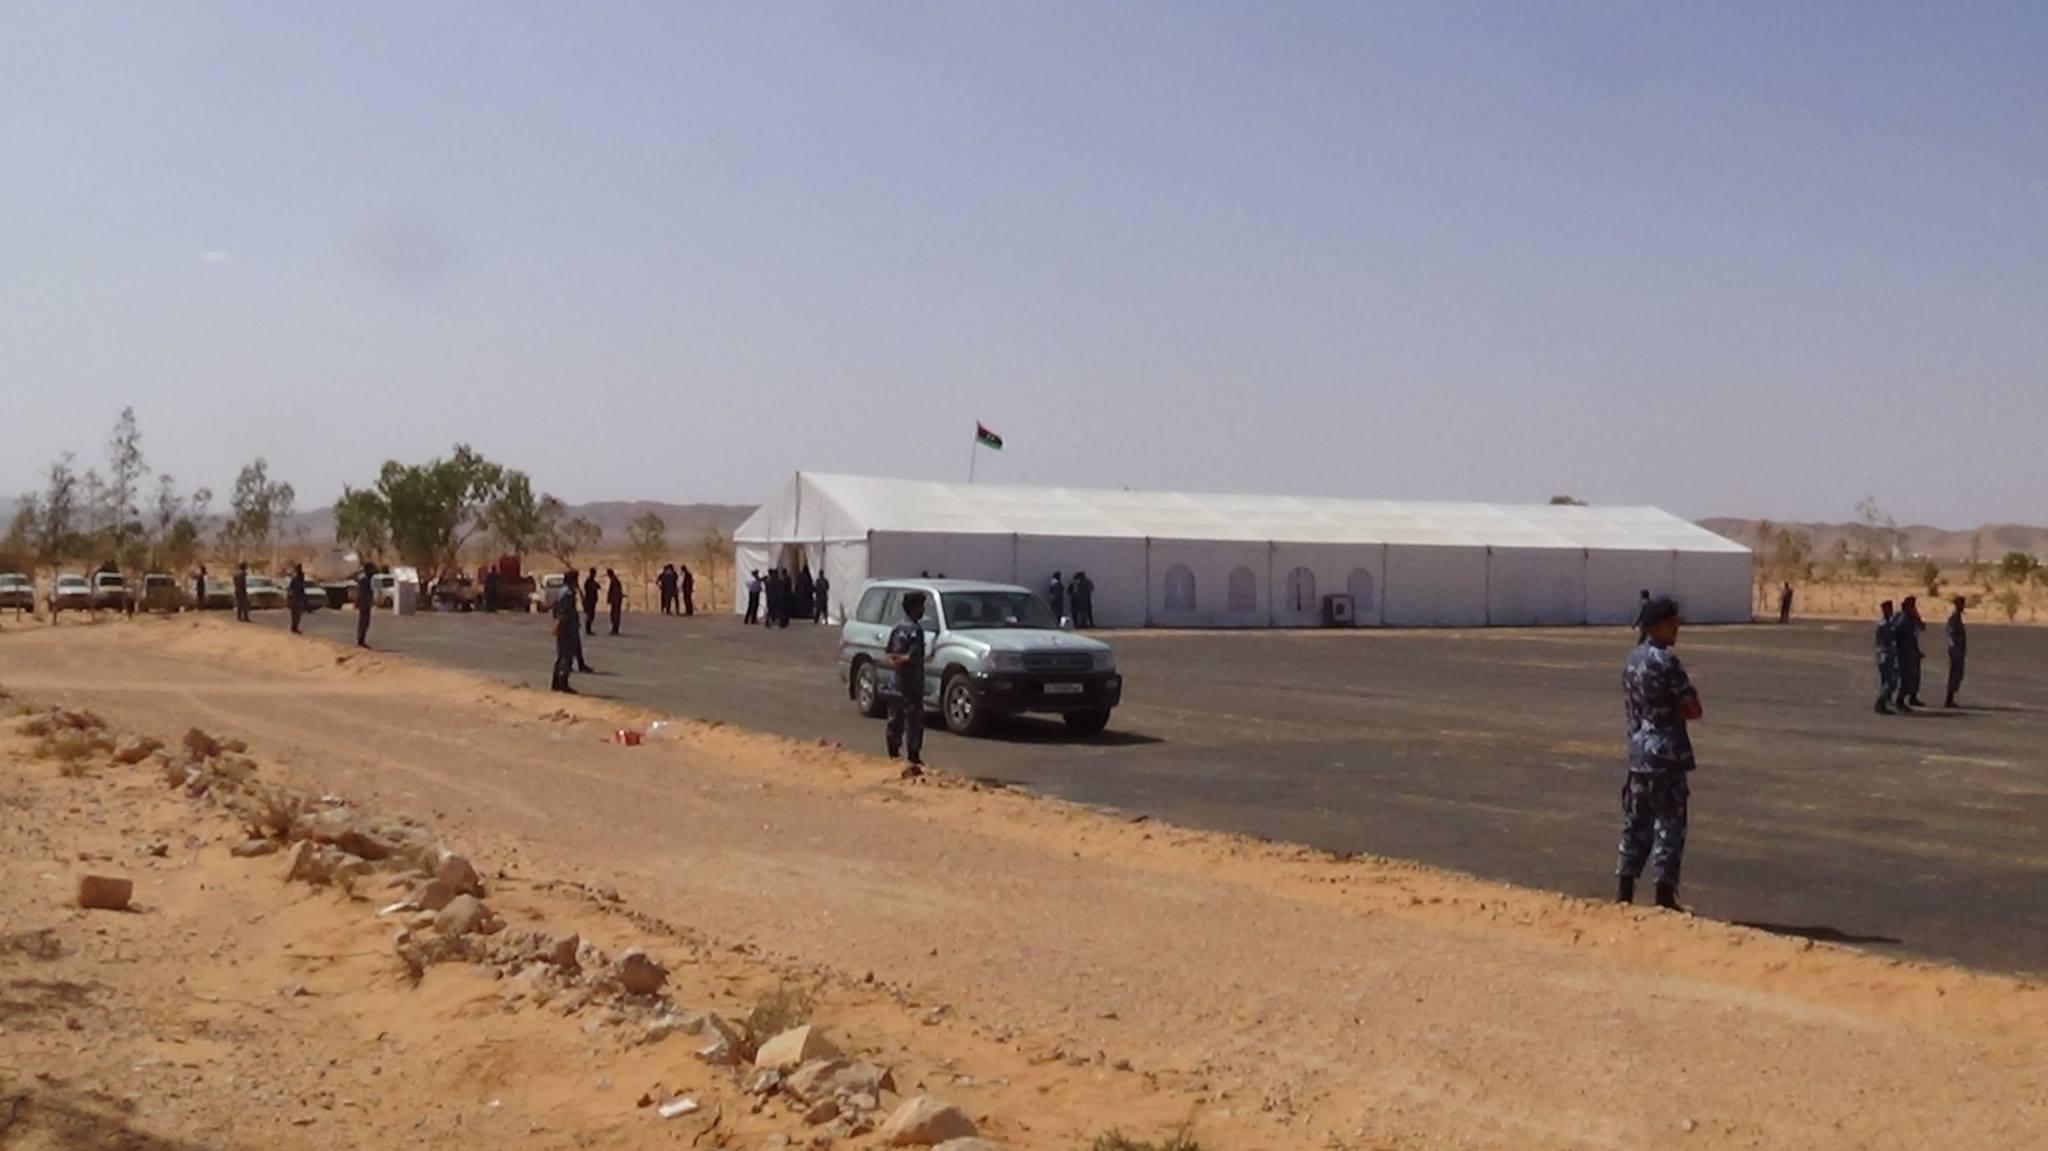 إدارة الأمن المركزي التابعة لوزارة الداخلية في الحكومة المؤقتة